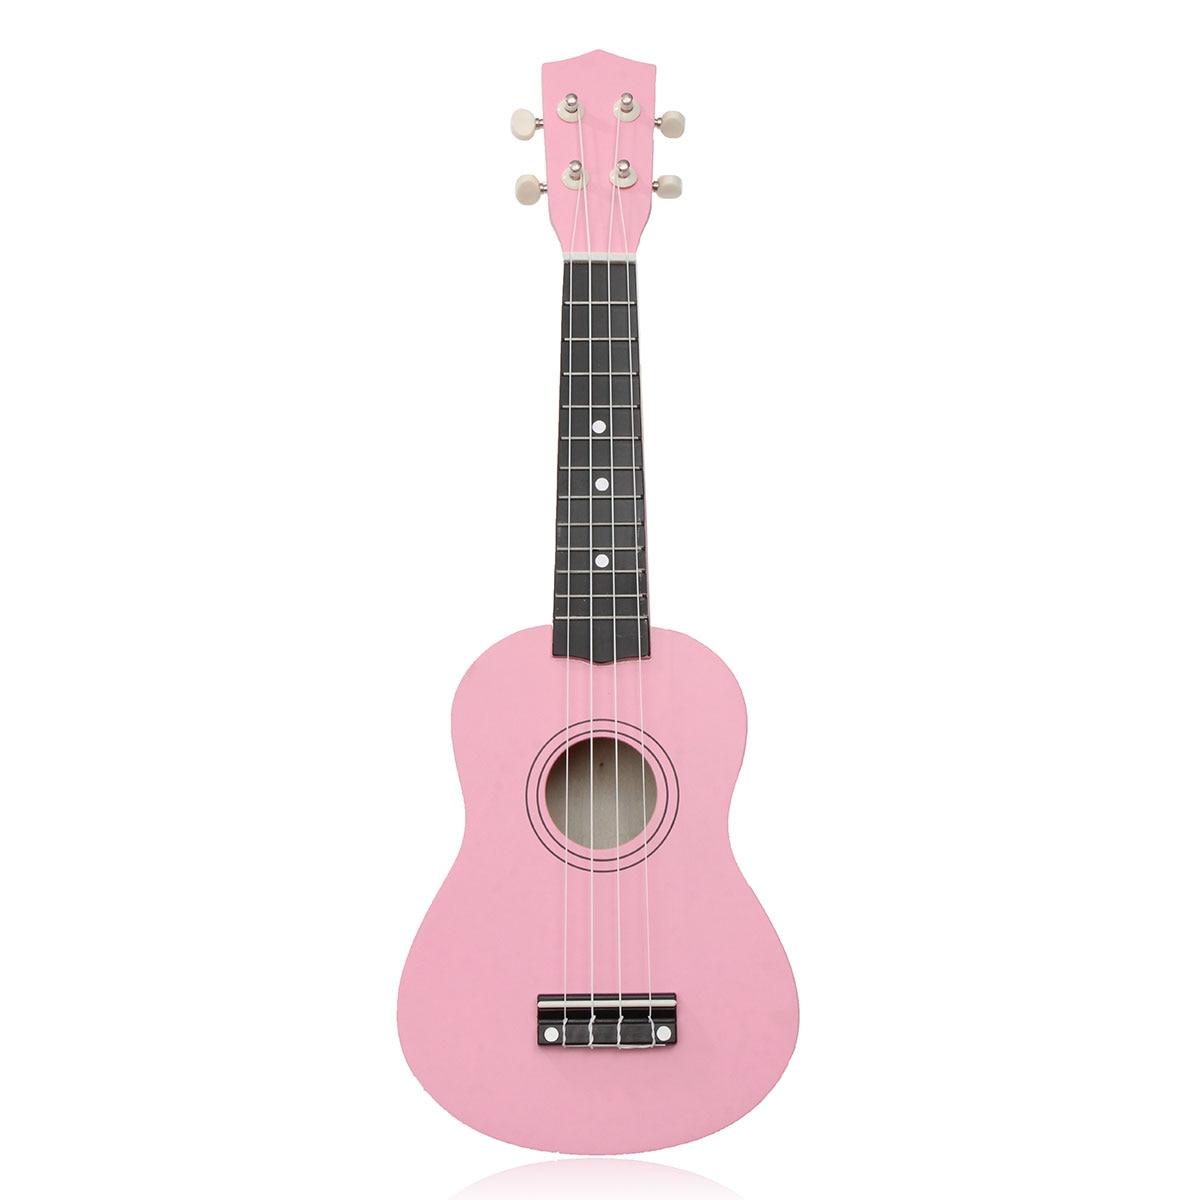 Online Get Cheap Pink Guitar -Aliexpress.com | Alibaba Group